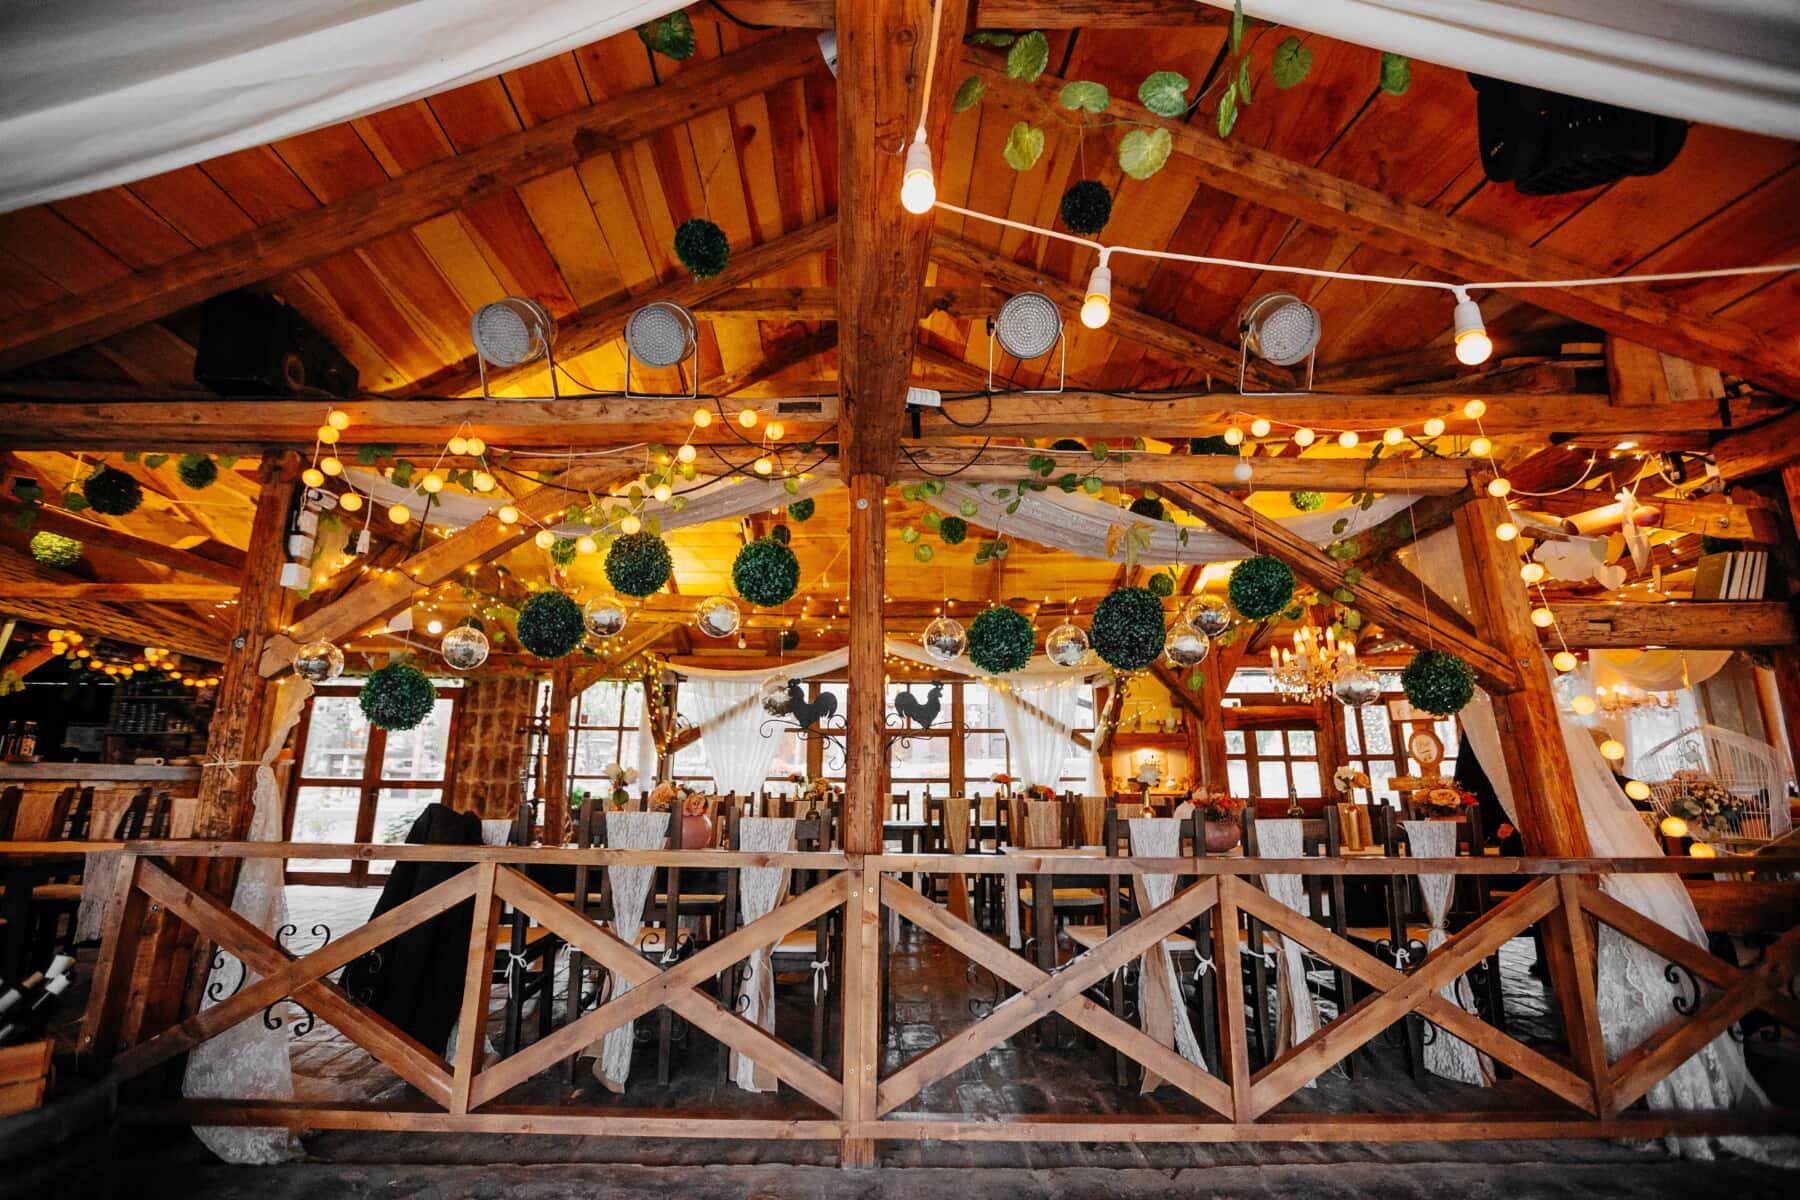 Cottage, salle de mariage, cafétéria, restaurant, bois, vieux, architecture, traditionnel, en bois, construction